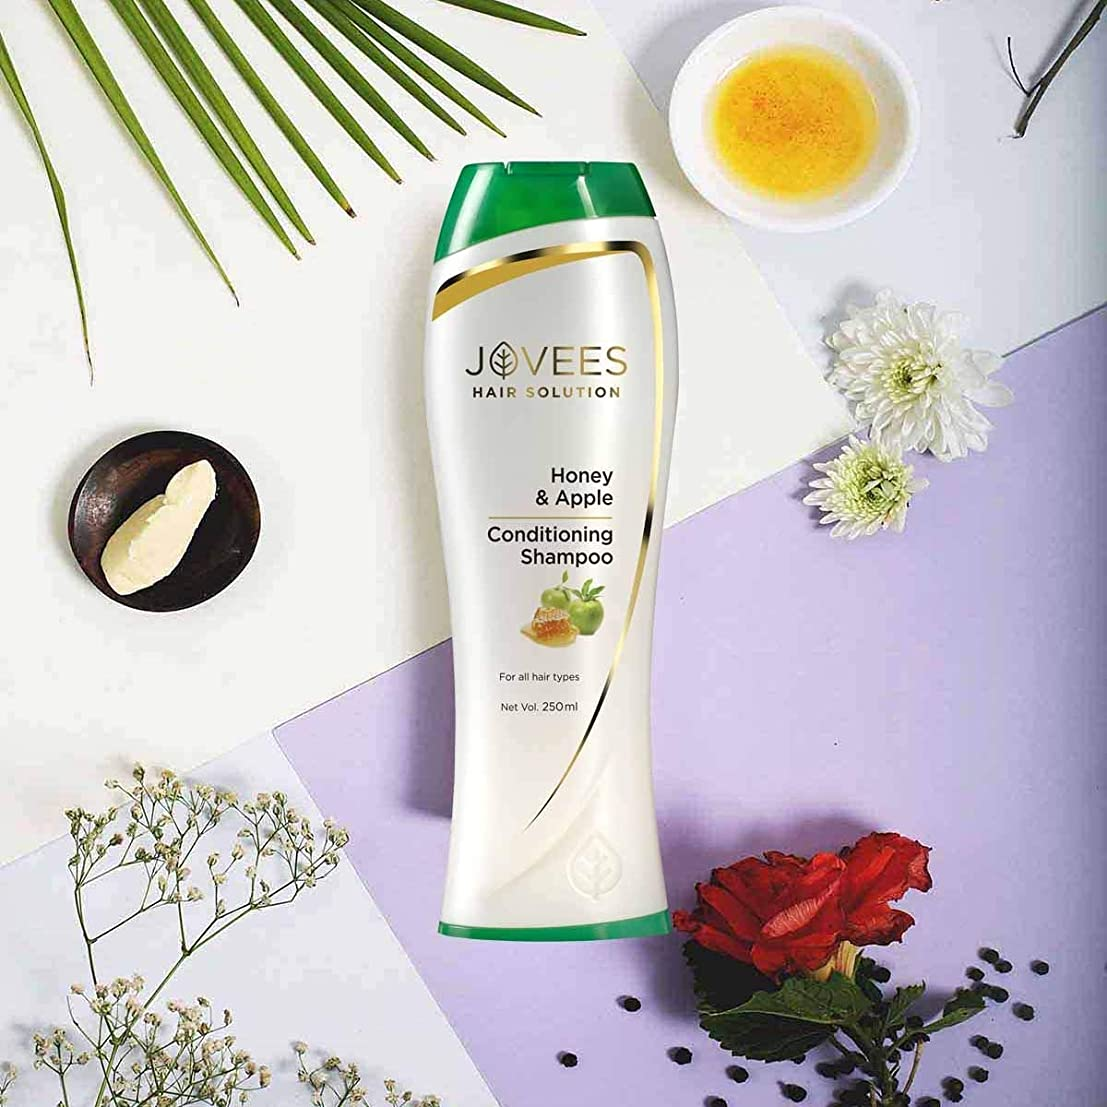 引き出し僕のオッズJovees Honey & Apple Conditioning Shampoo 250ml makes Hair softer, smoother & shinier ハニー&アップルコンディショニングシャンプーは、髪を柔らかく、なめらかに、そして輝かせます。